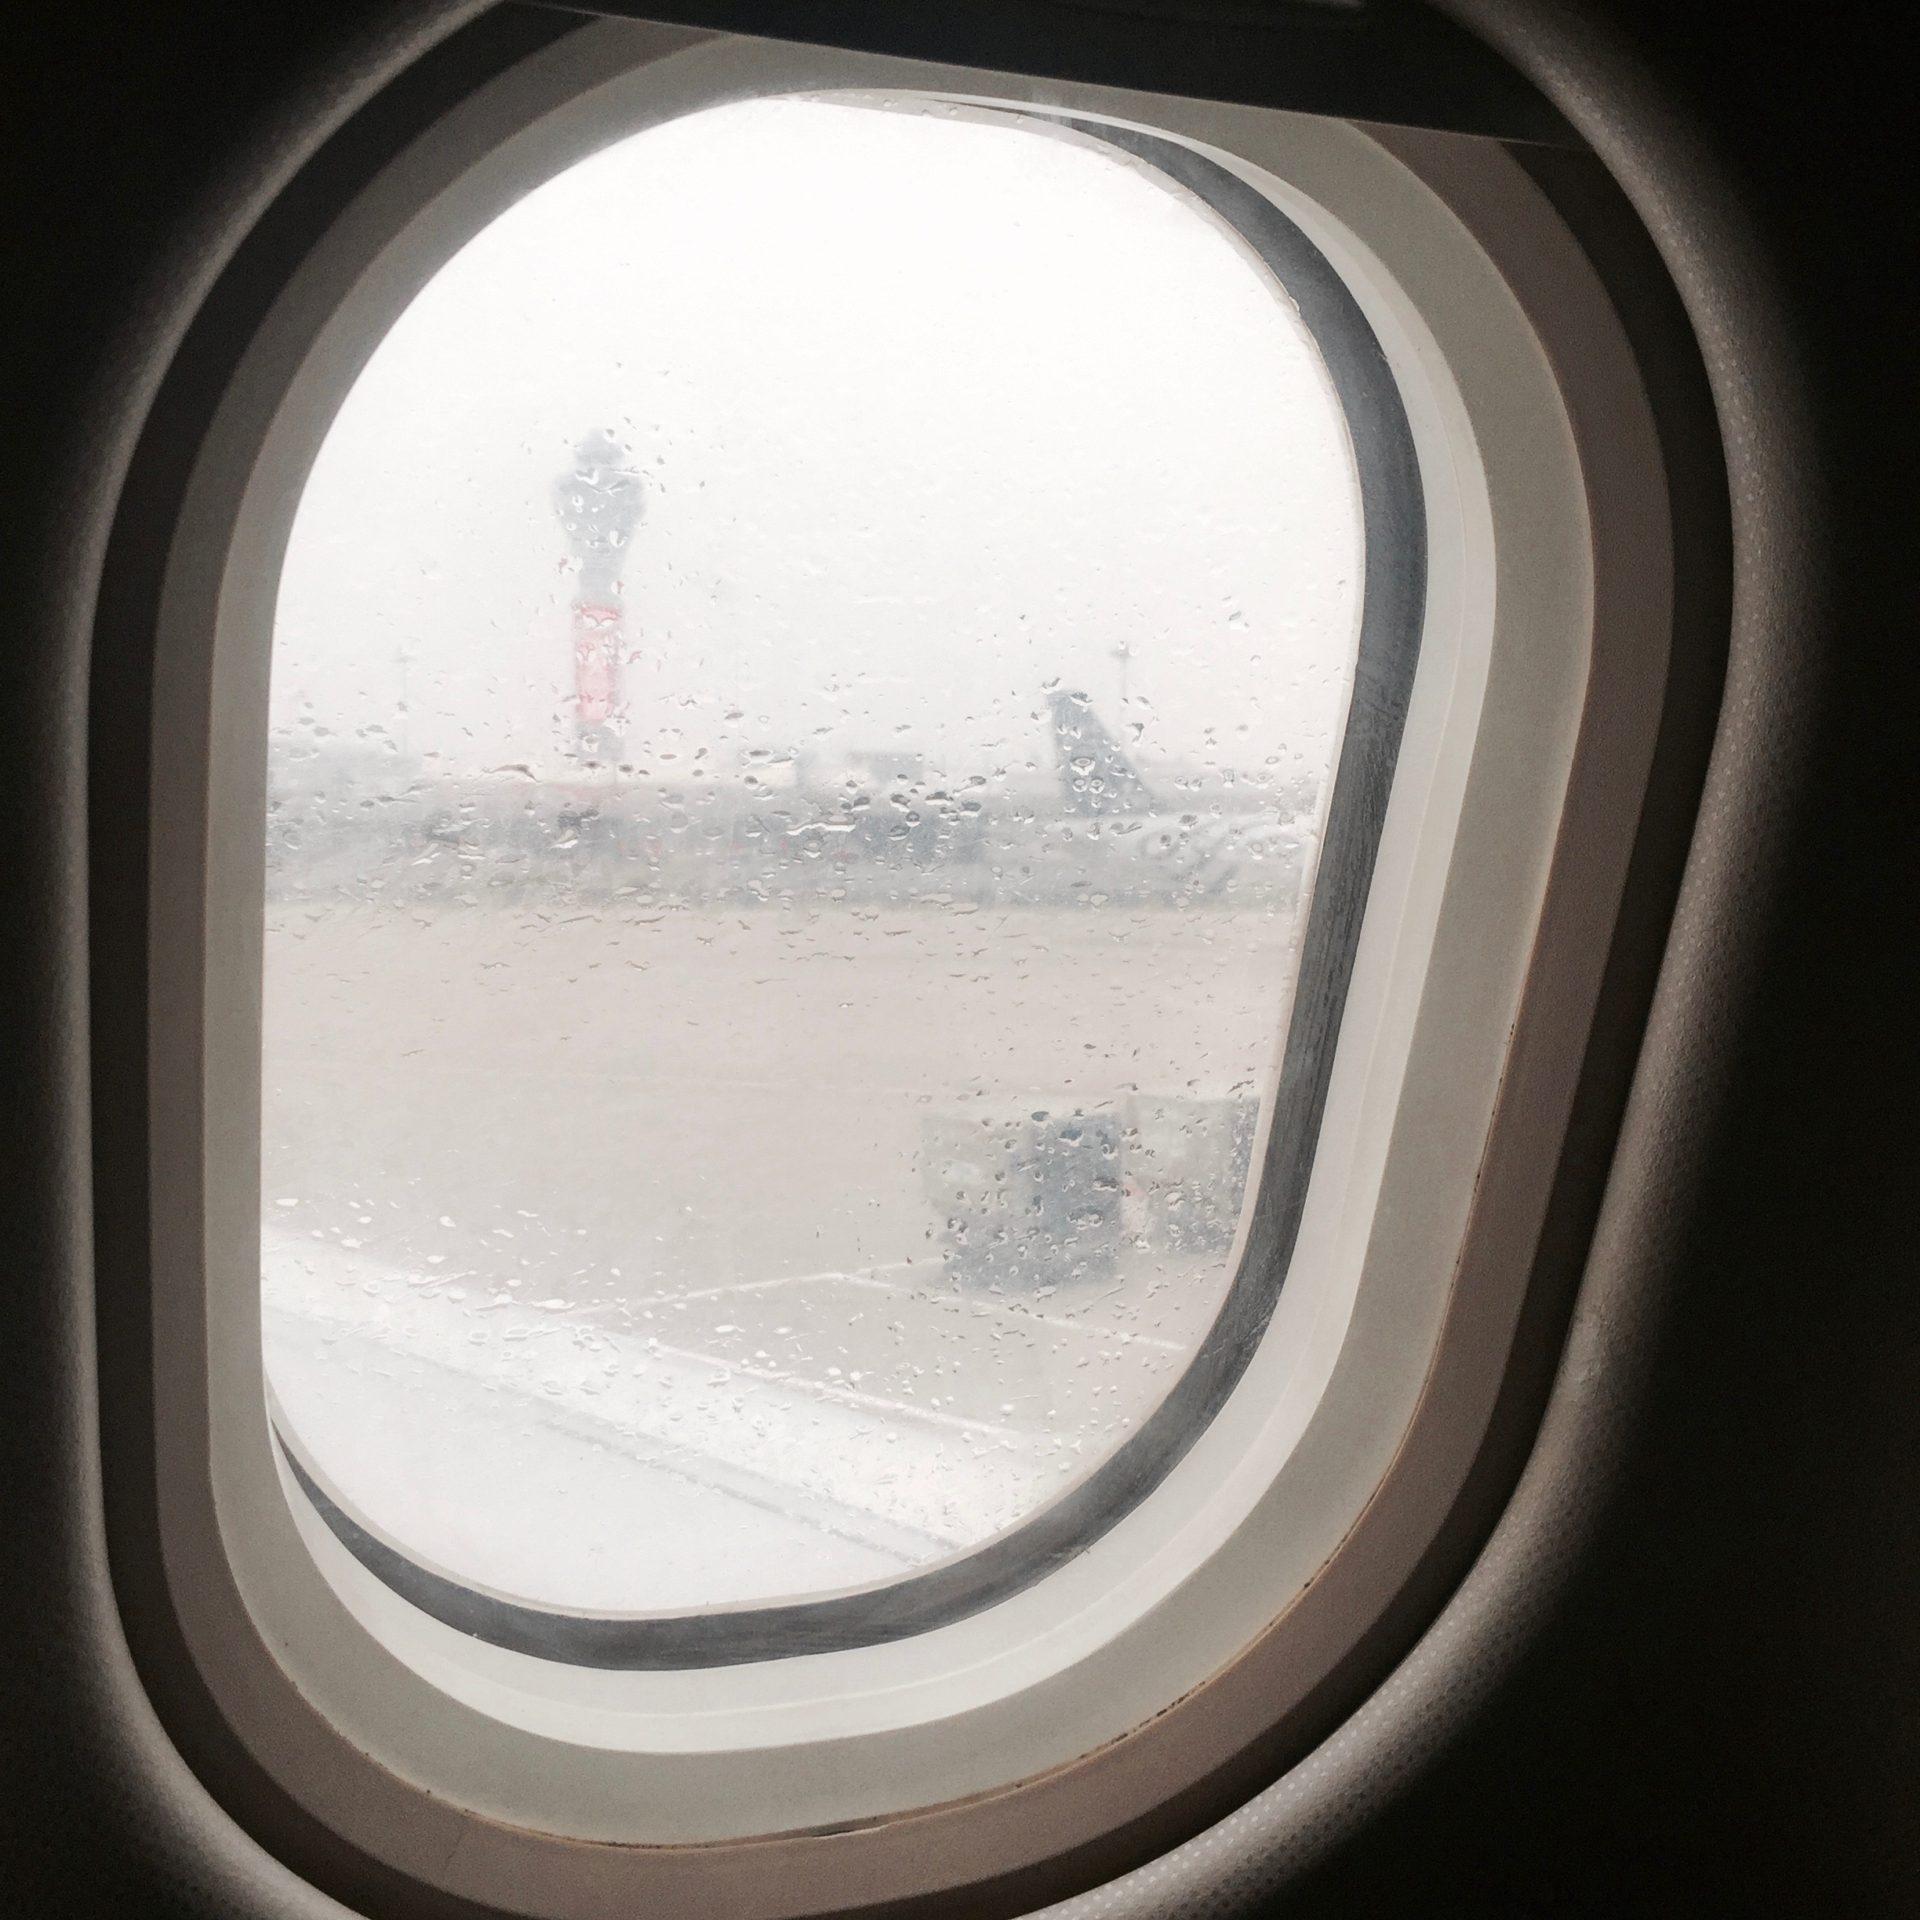 北京空港。雨。